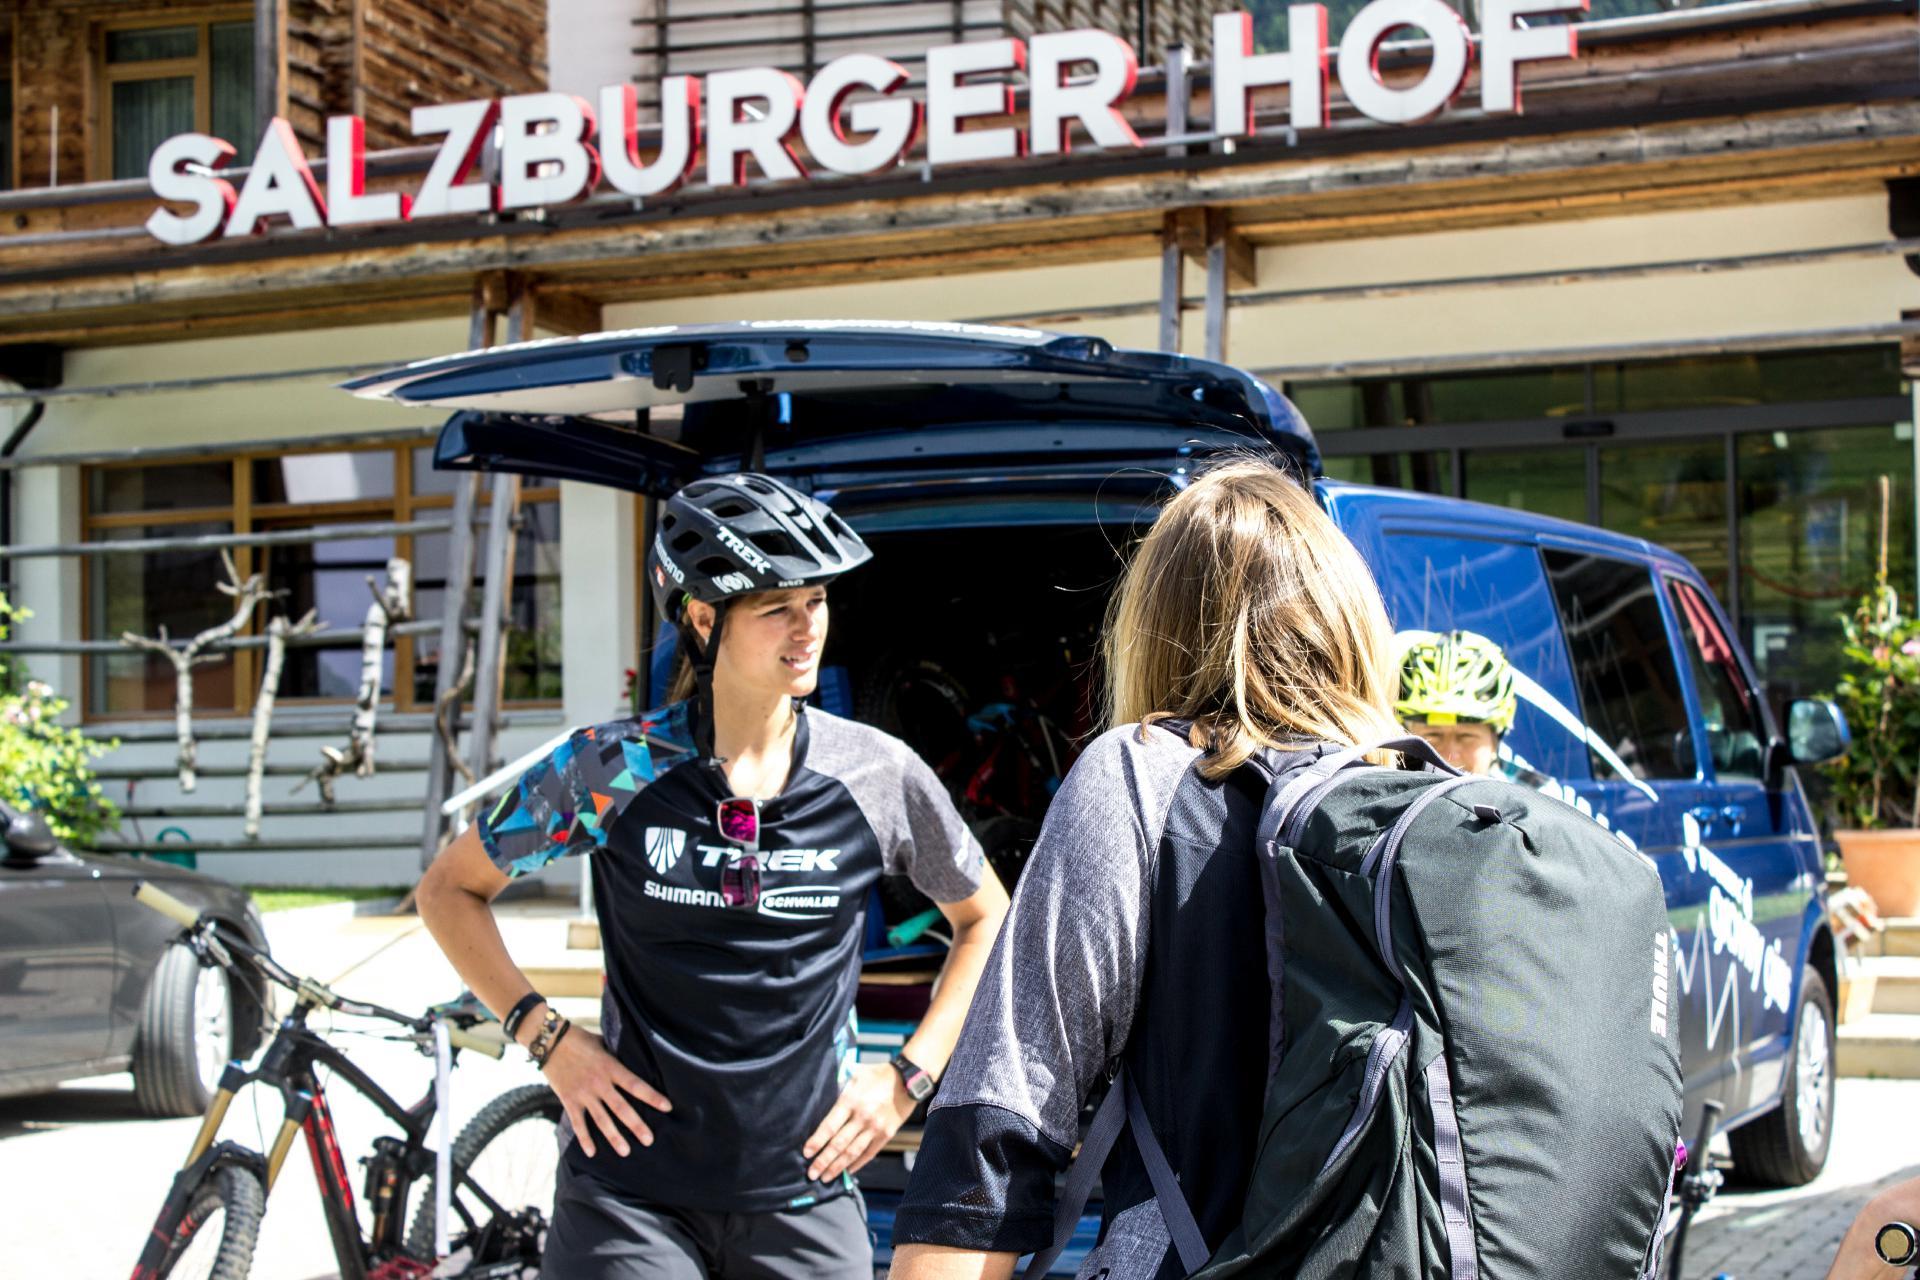 Stars der Szene wie Steffi Marth, geben ihr Wissen und ihr Fahrkönnen in Workshops in Leogang an interessierte Bikerinnen und Biker weiter.